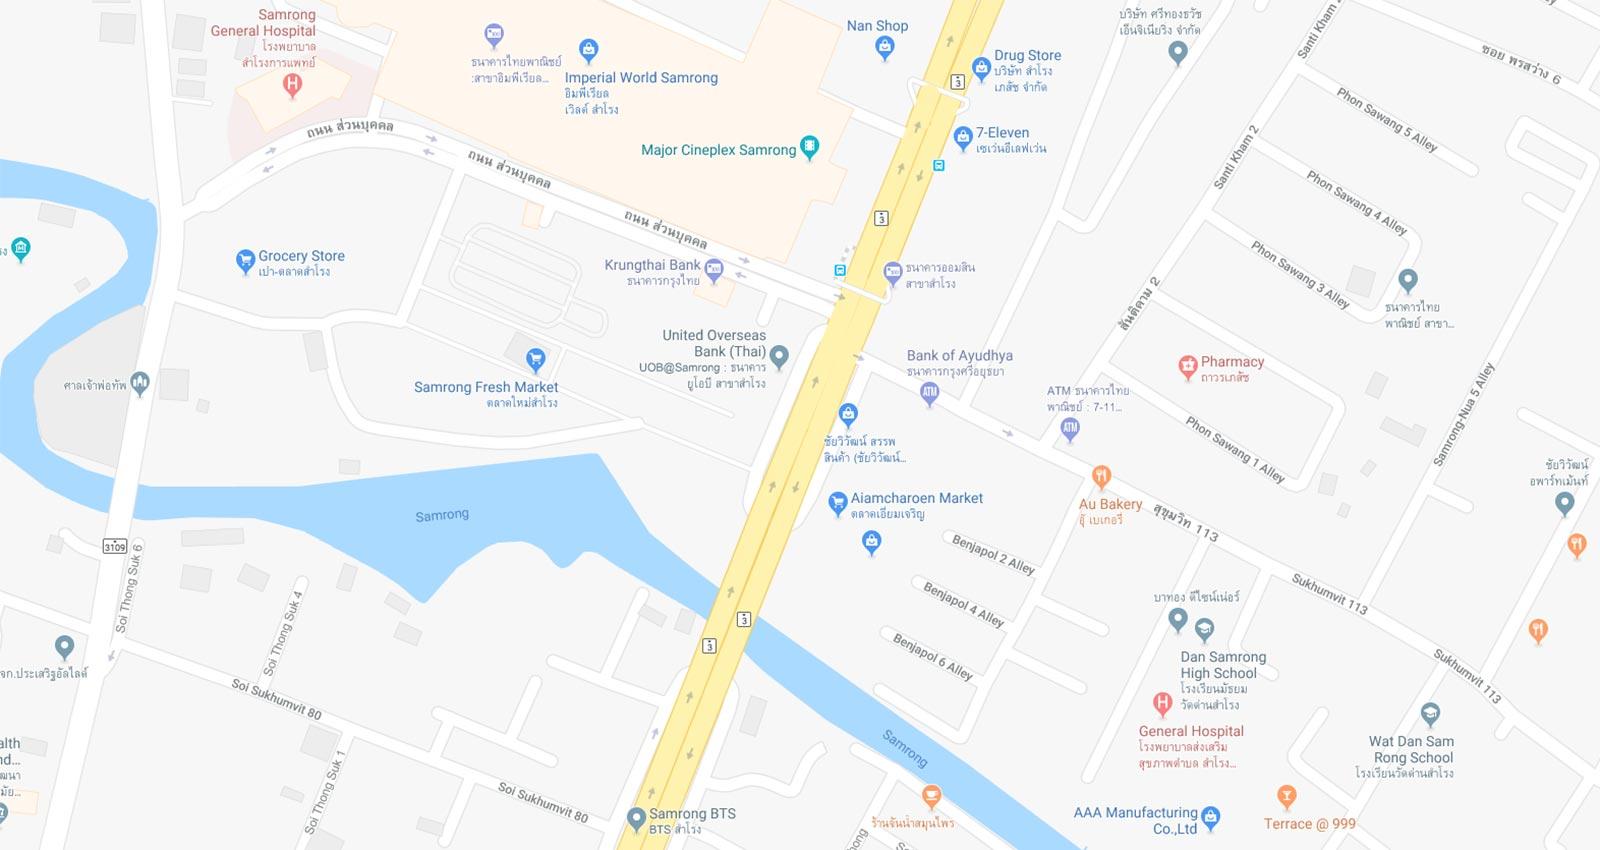 Samrong Map